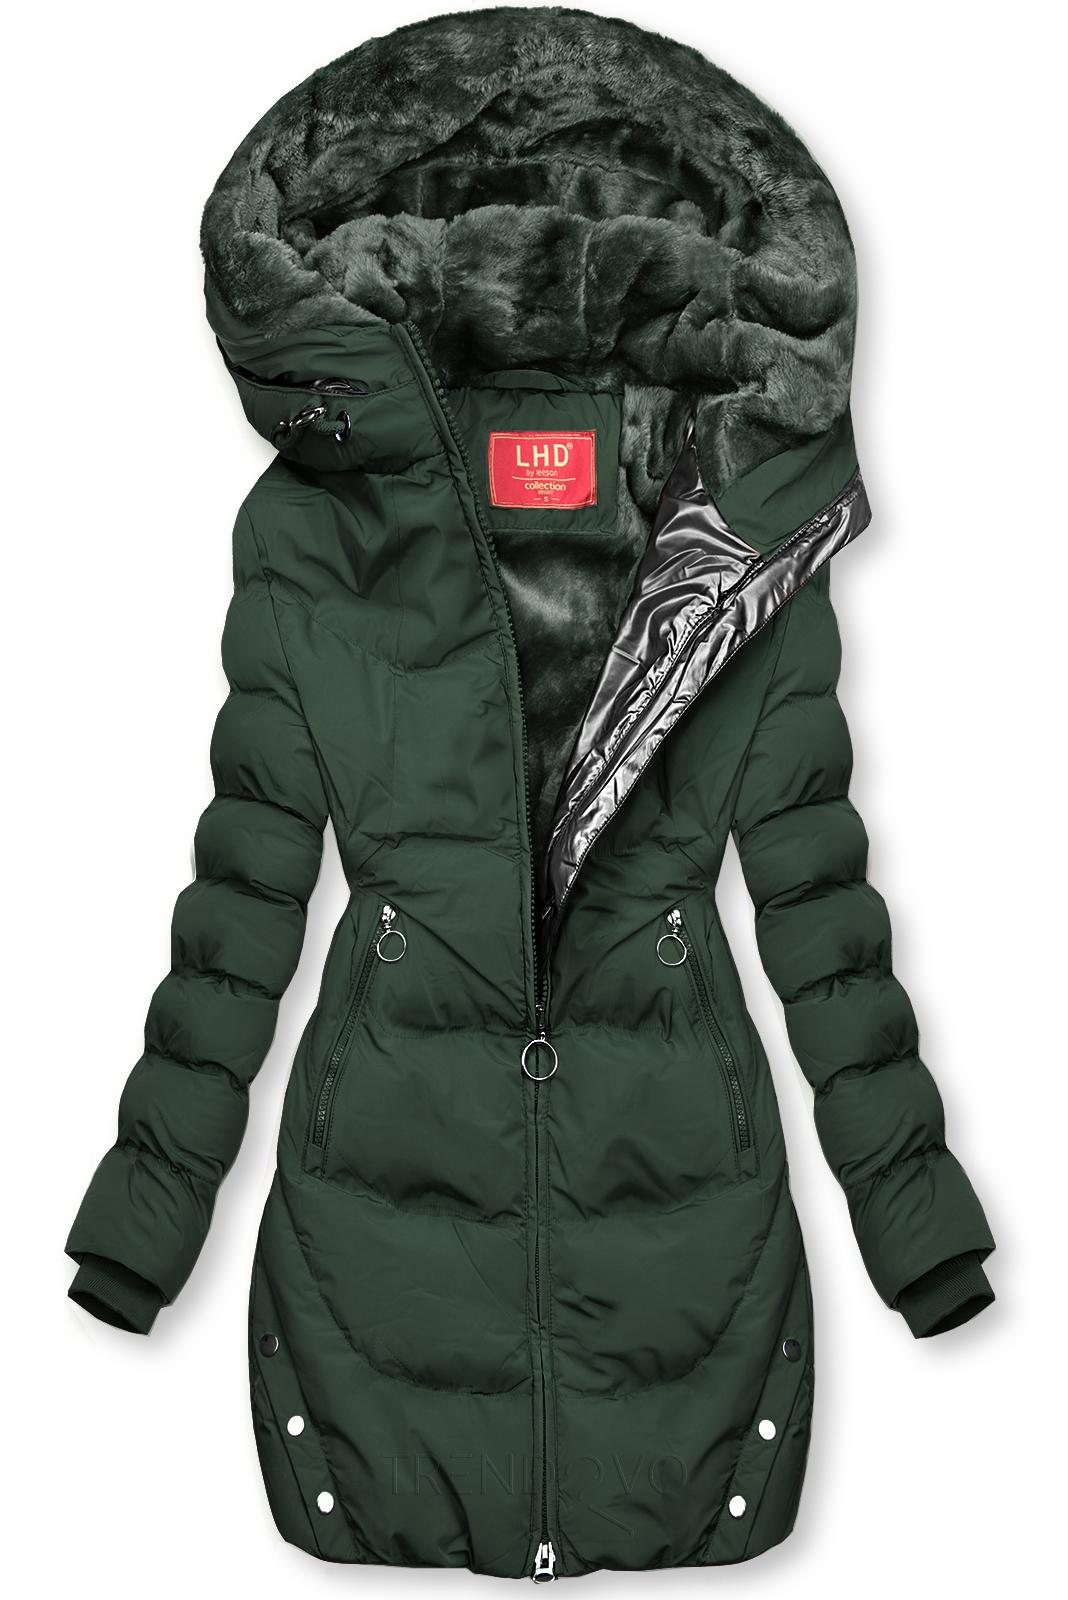 Tmavozelená zimná bunda so strieborným lemom